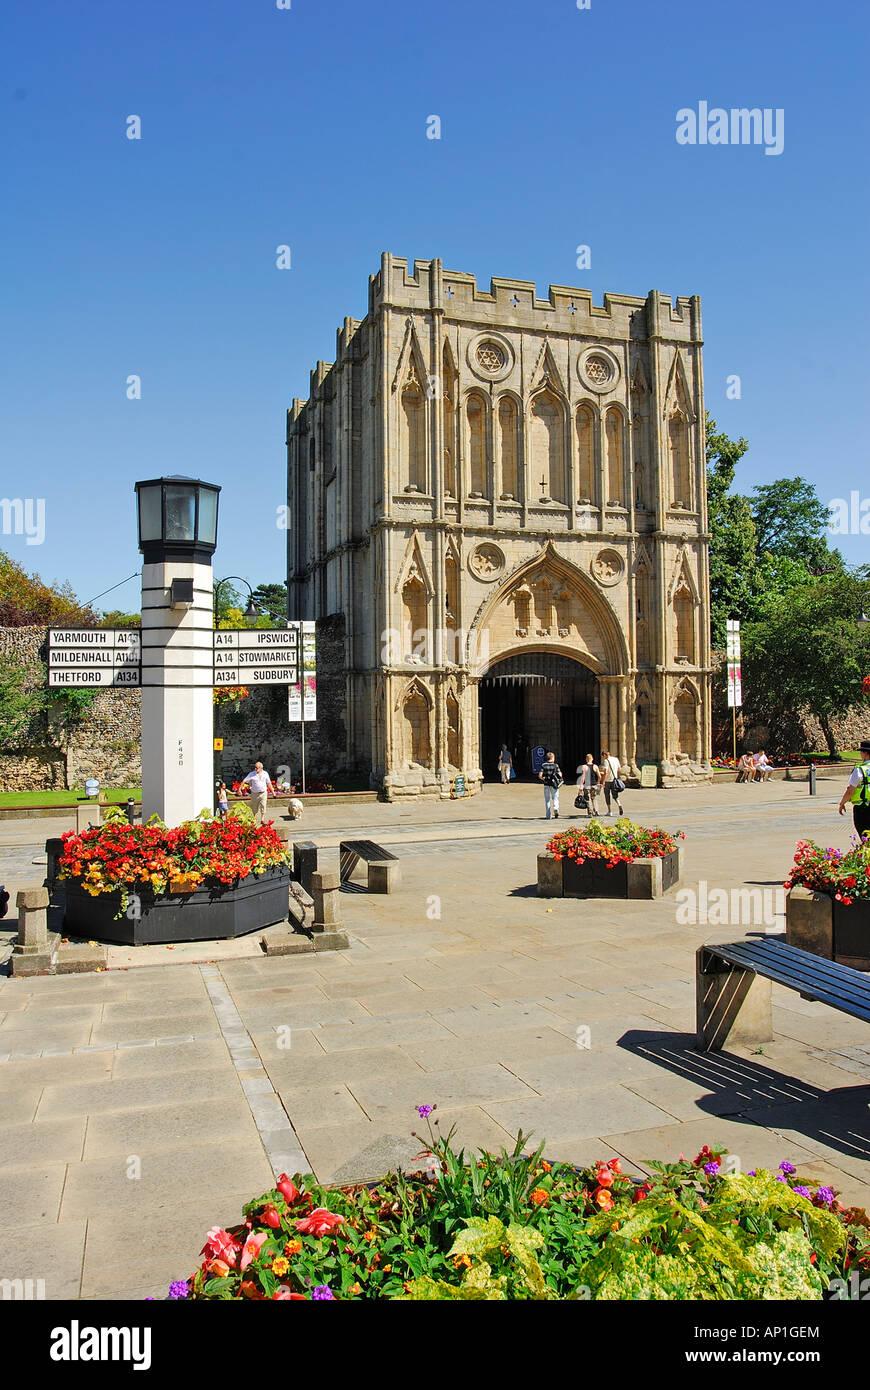 Bury St Edmunds, Suffolk, UK - Stock Image